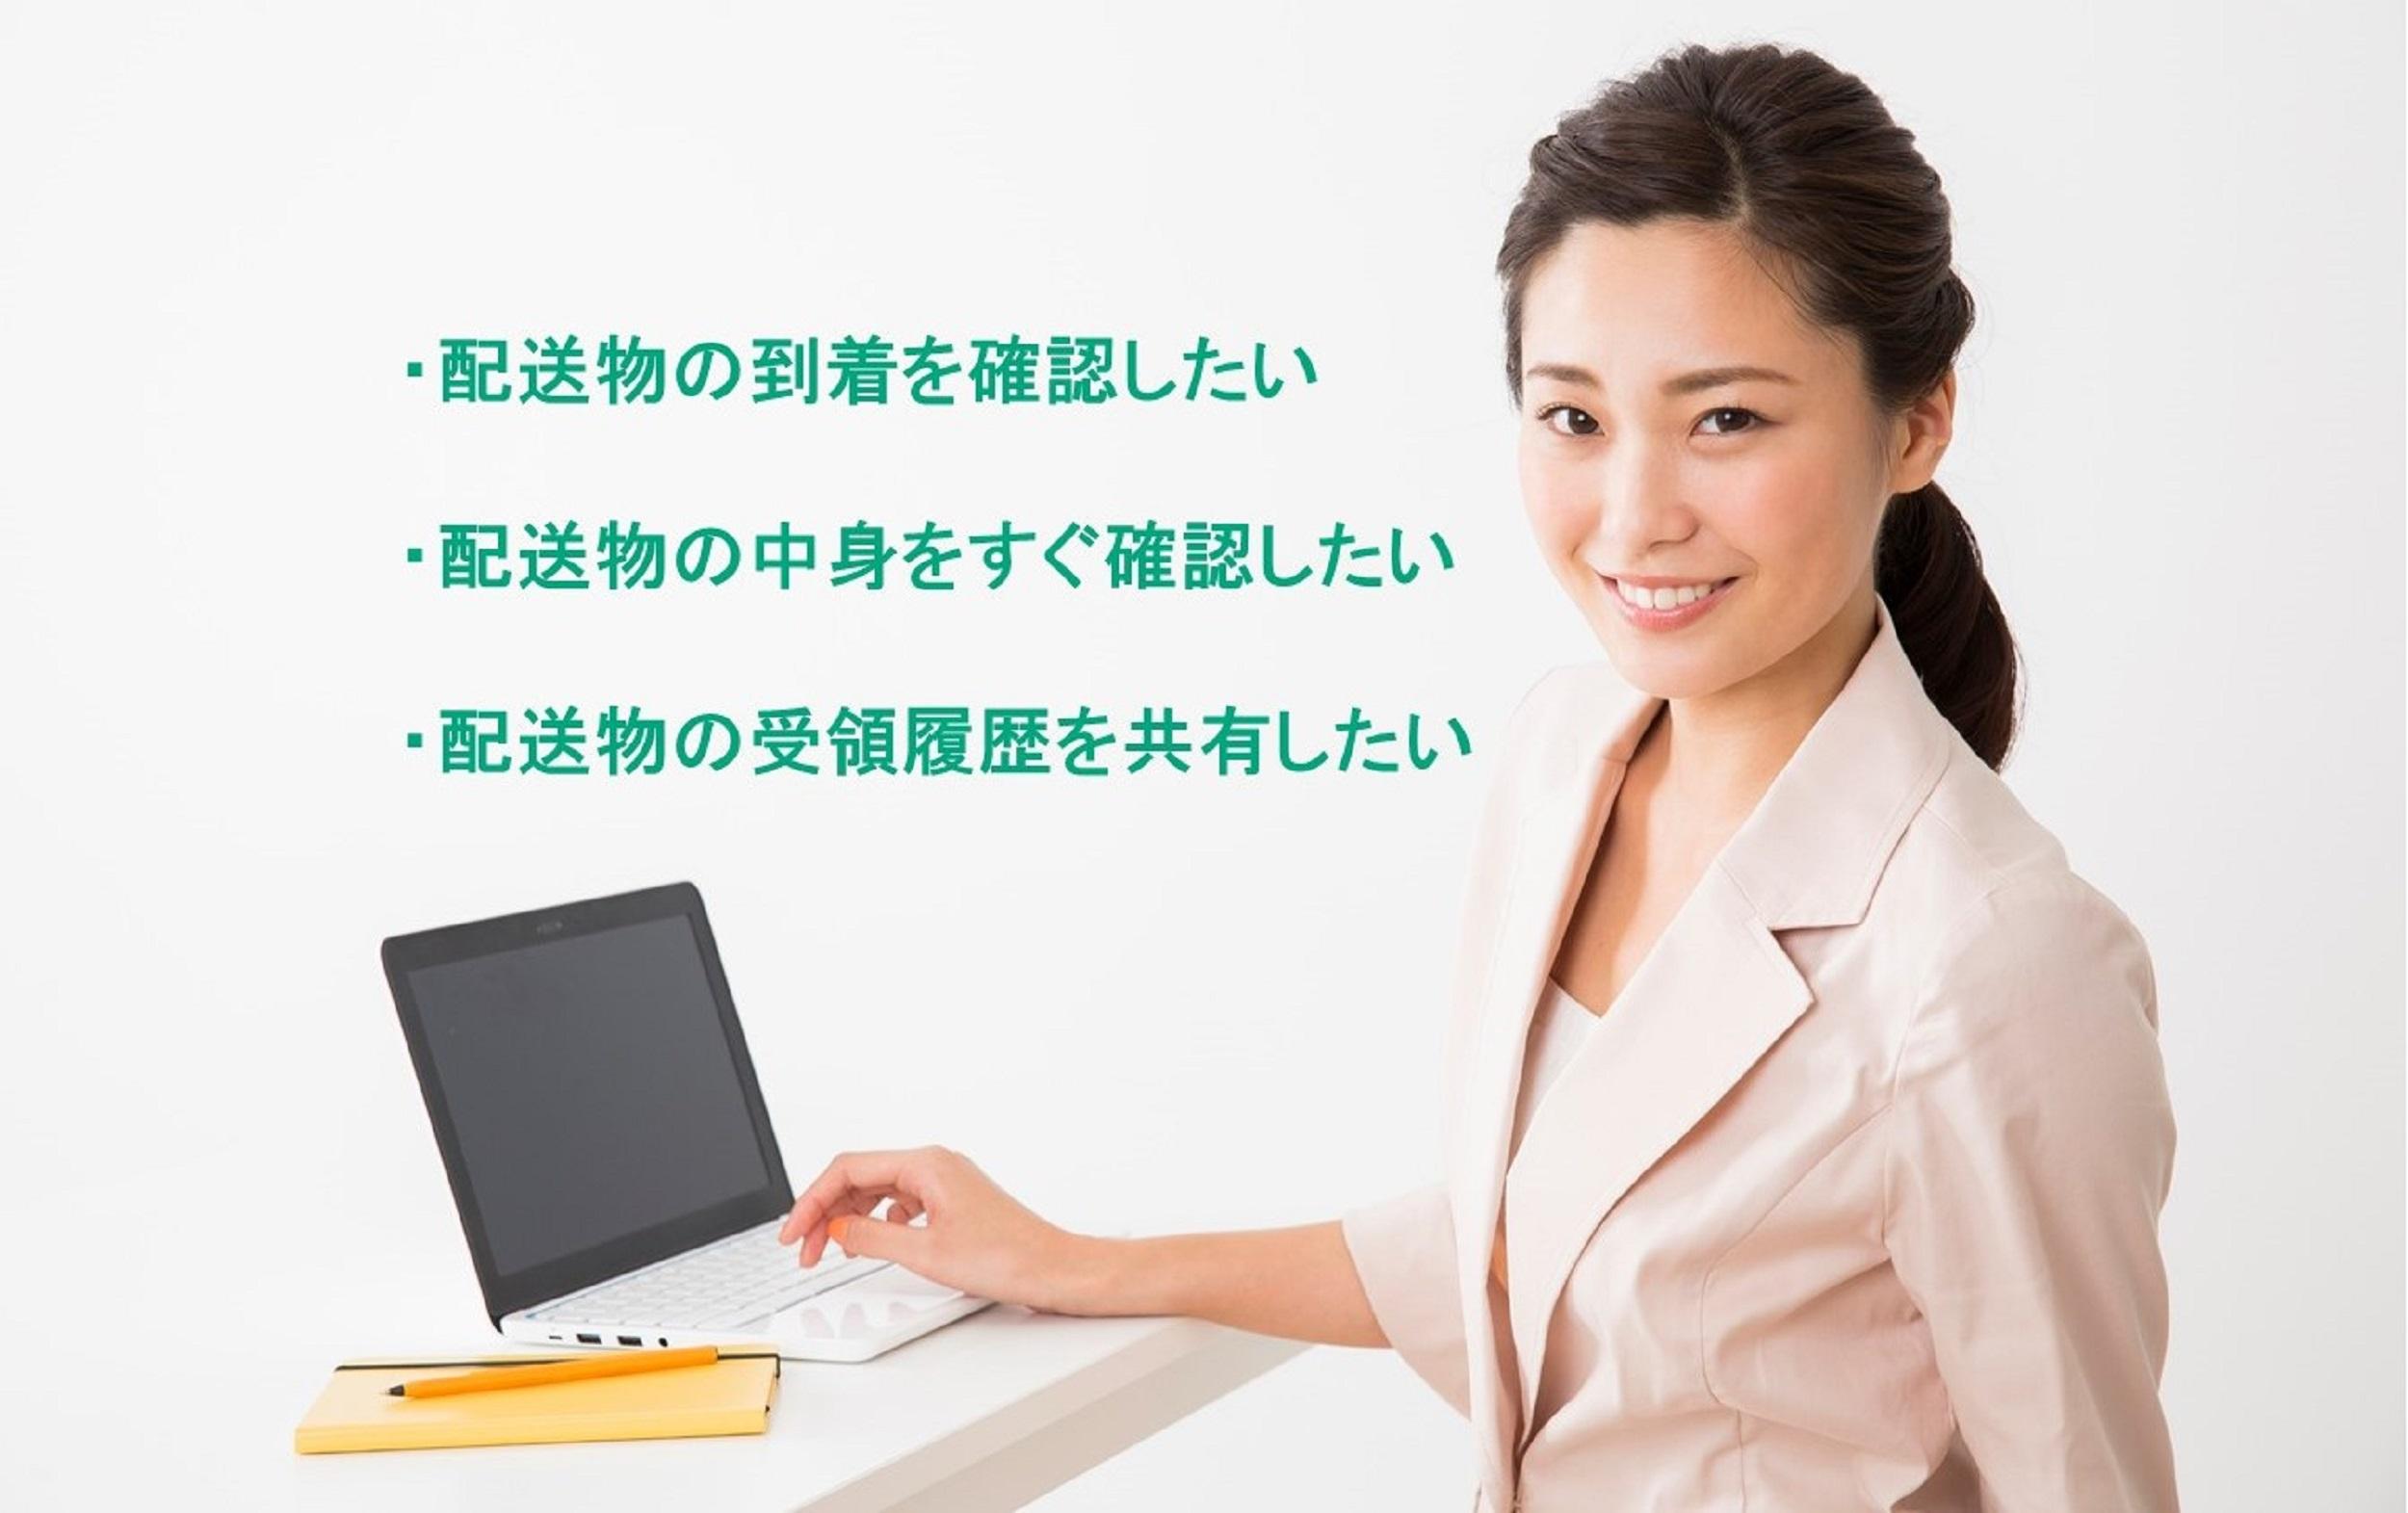 配送物受渡し管理サービス Kitayo